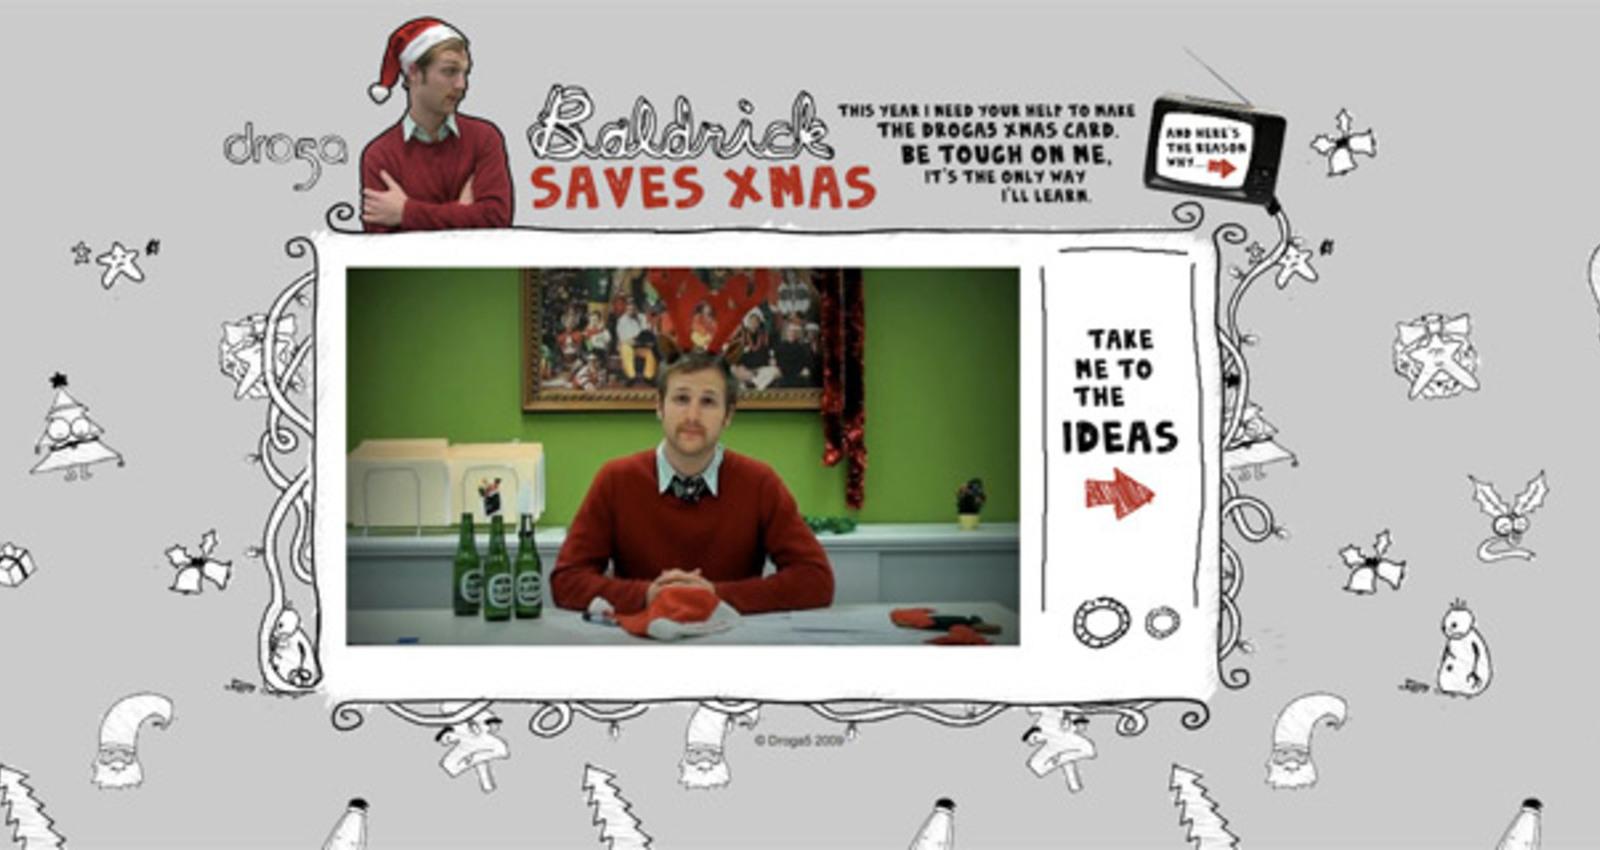 Baldrick Saves Xmas